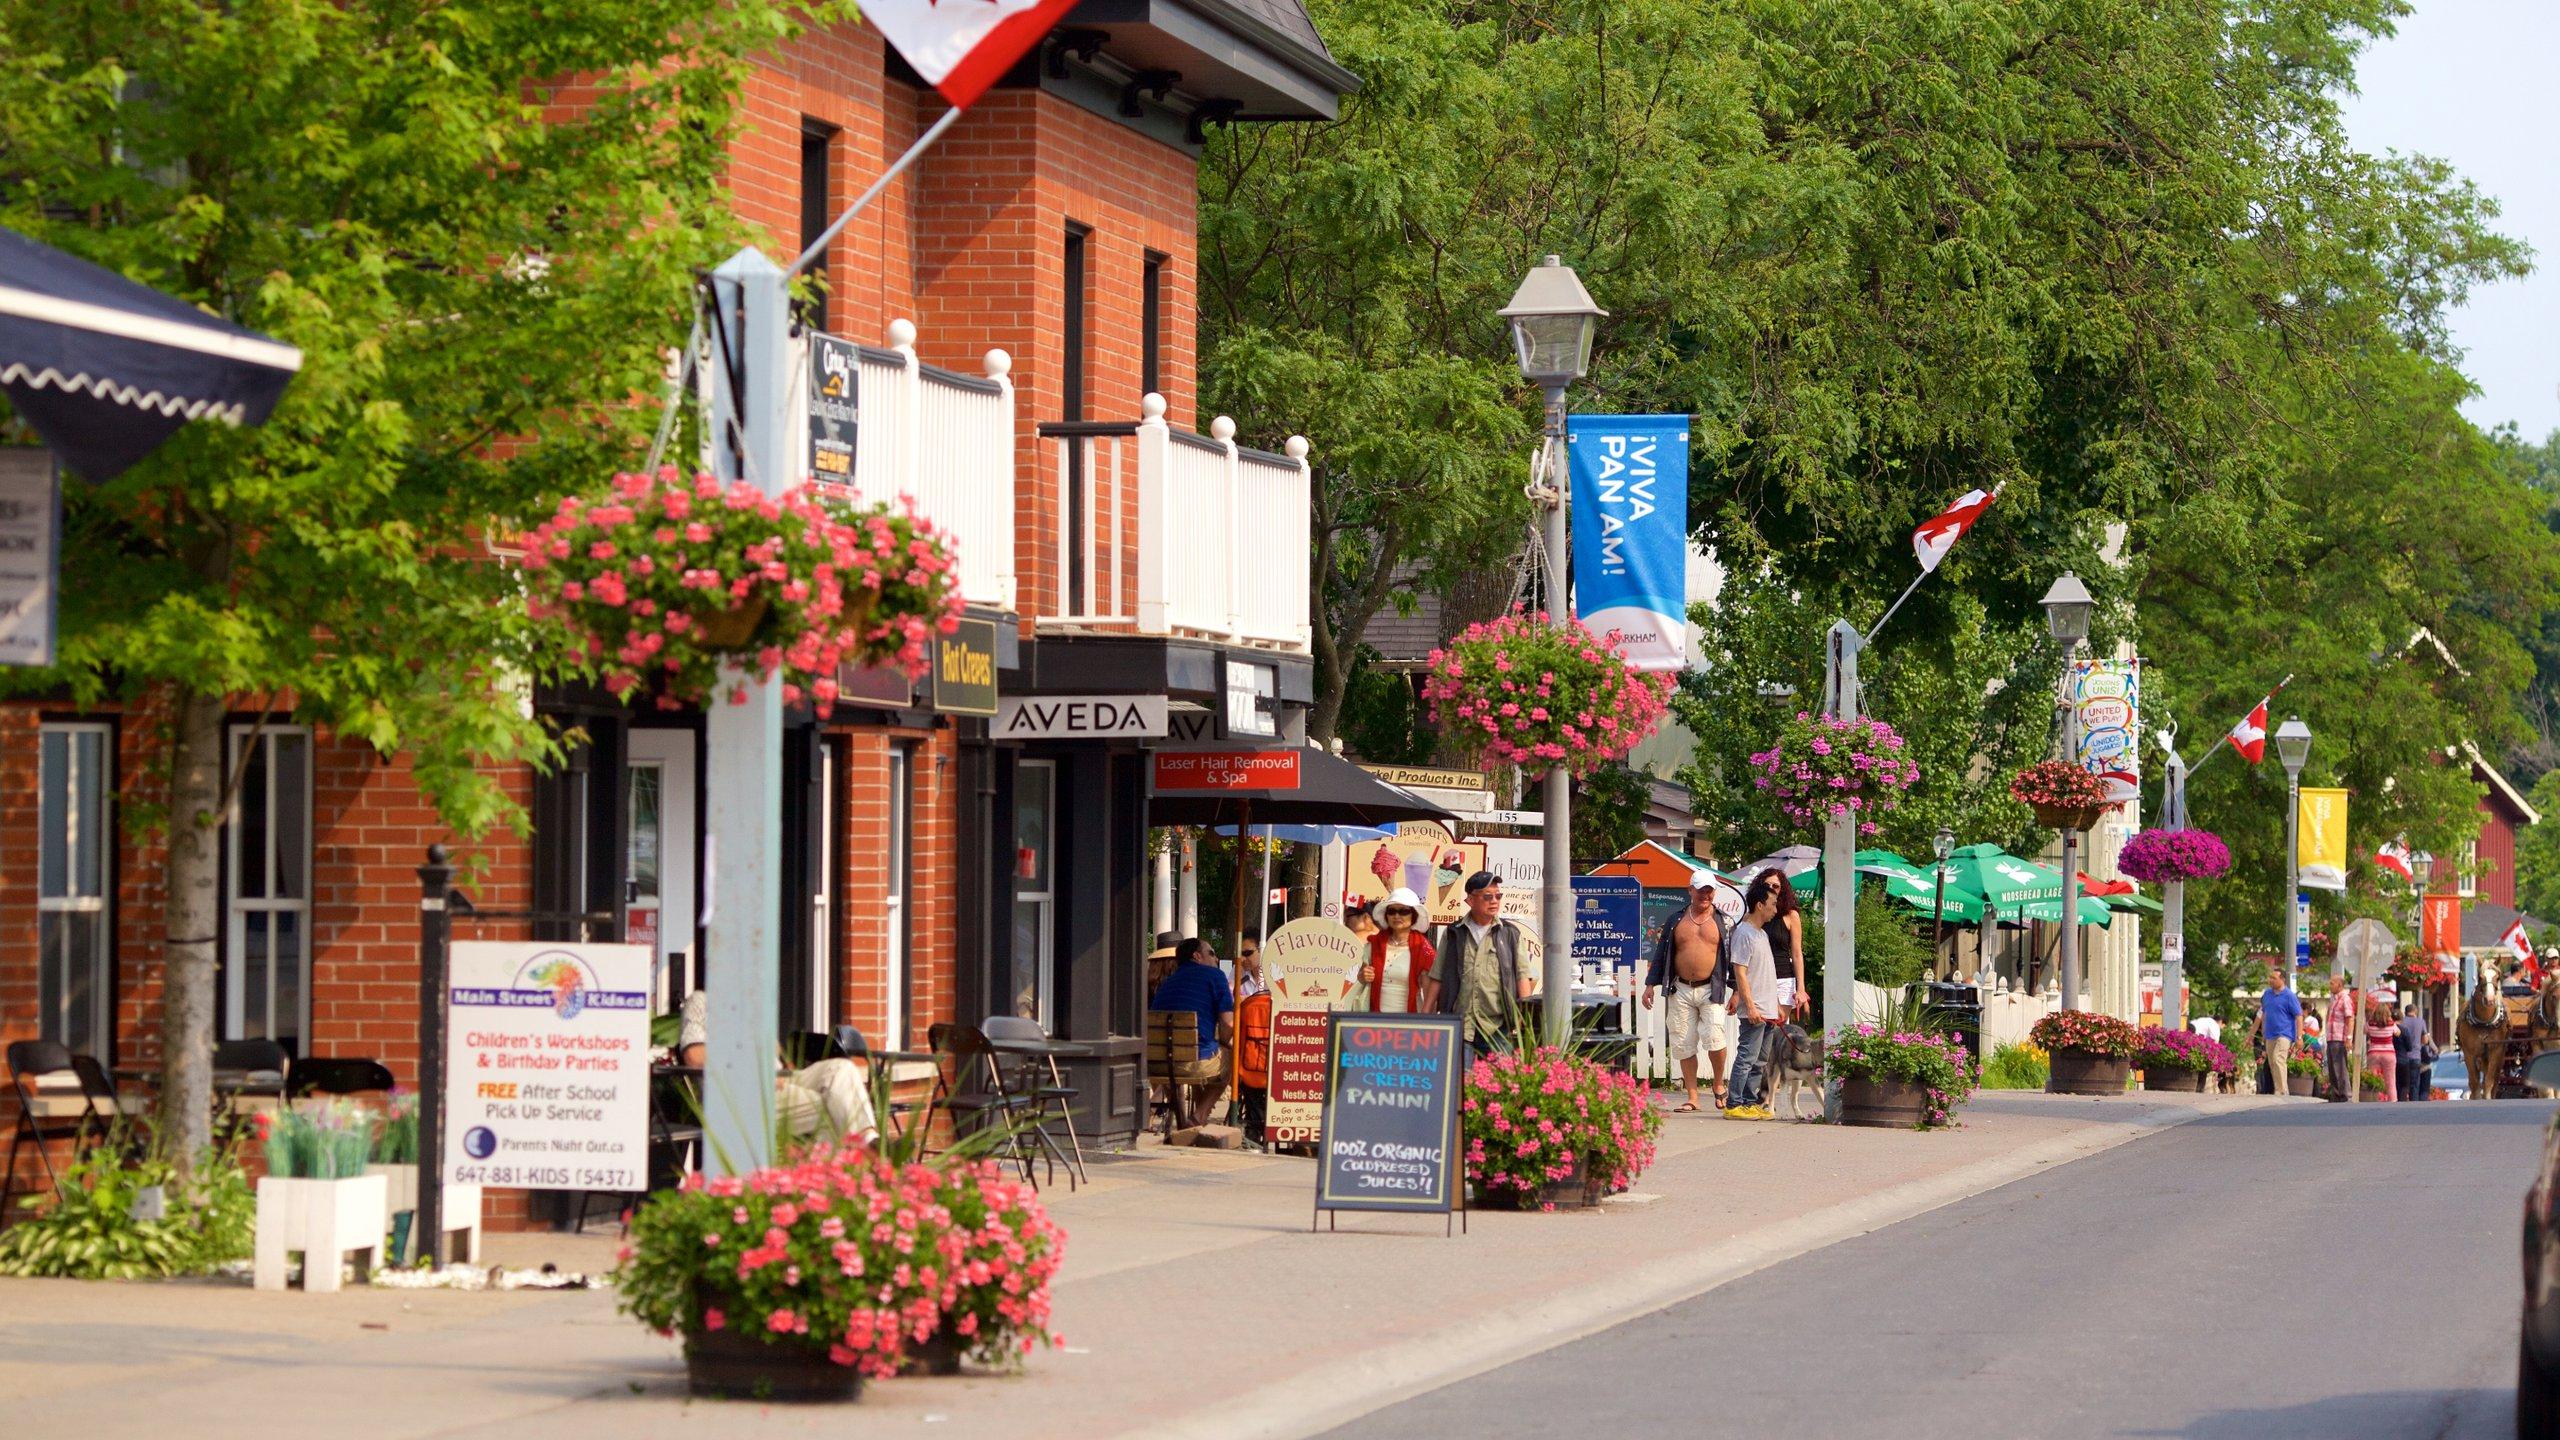 Markham, Ontario, Canada